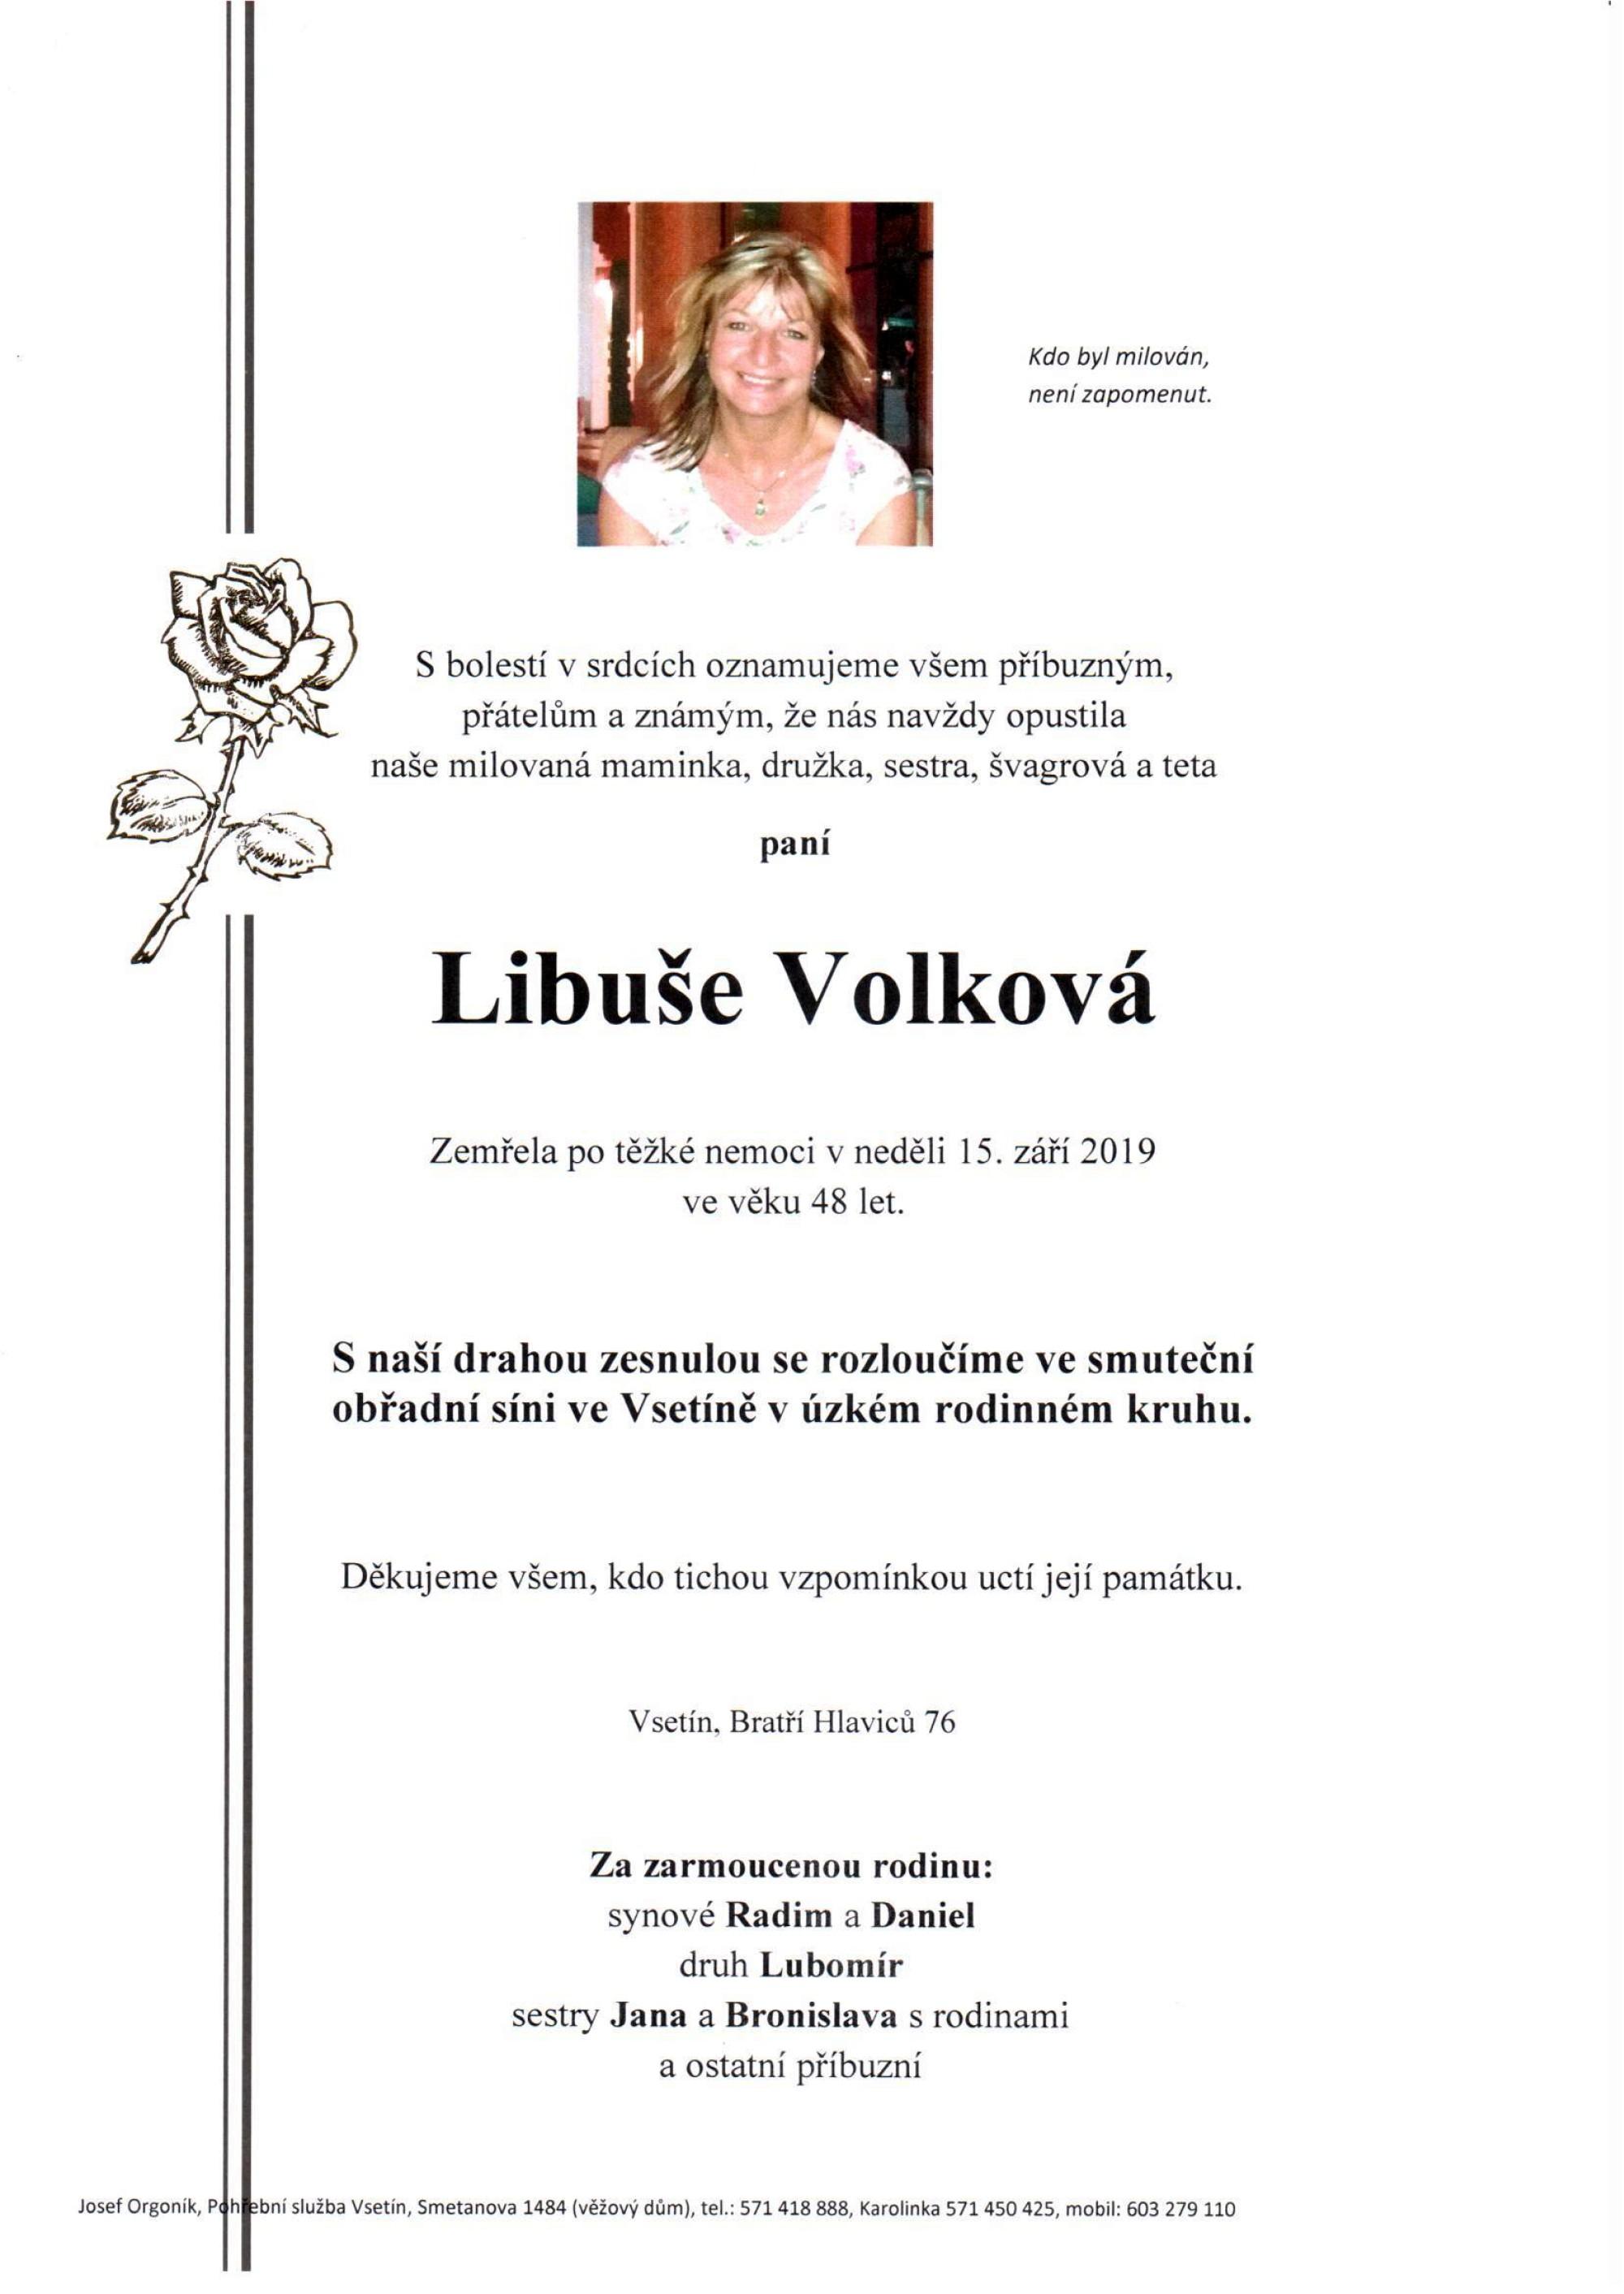 Libuše Volková